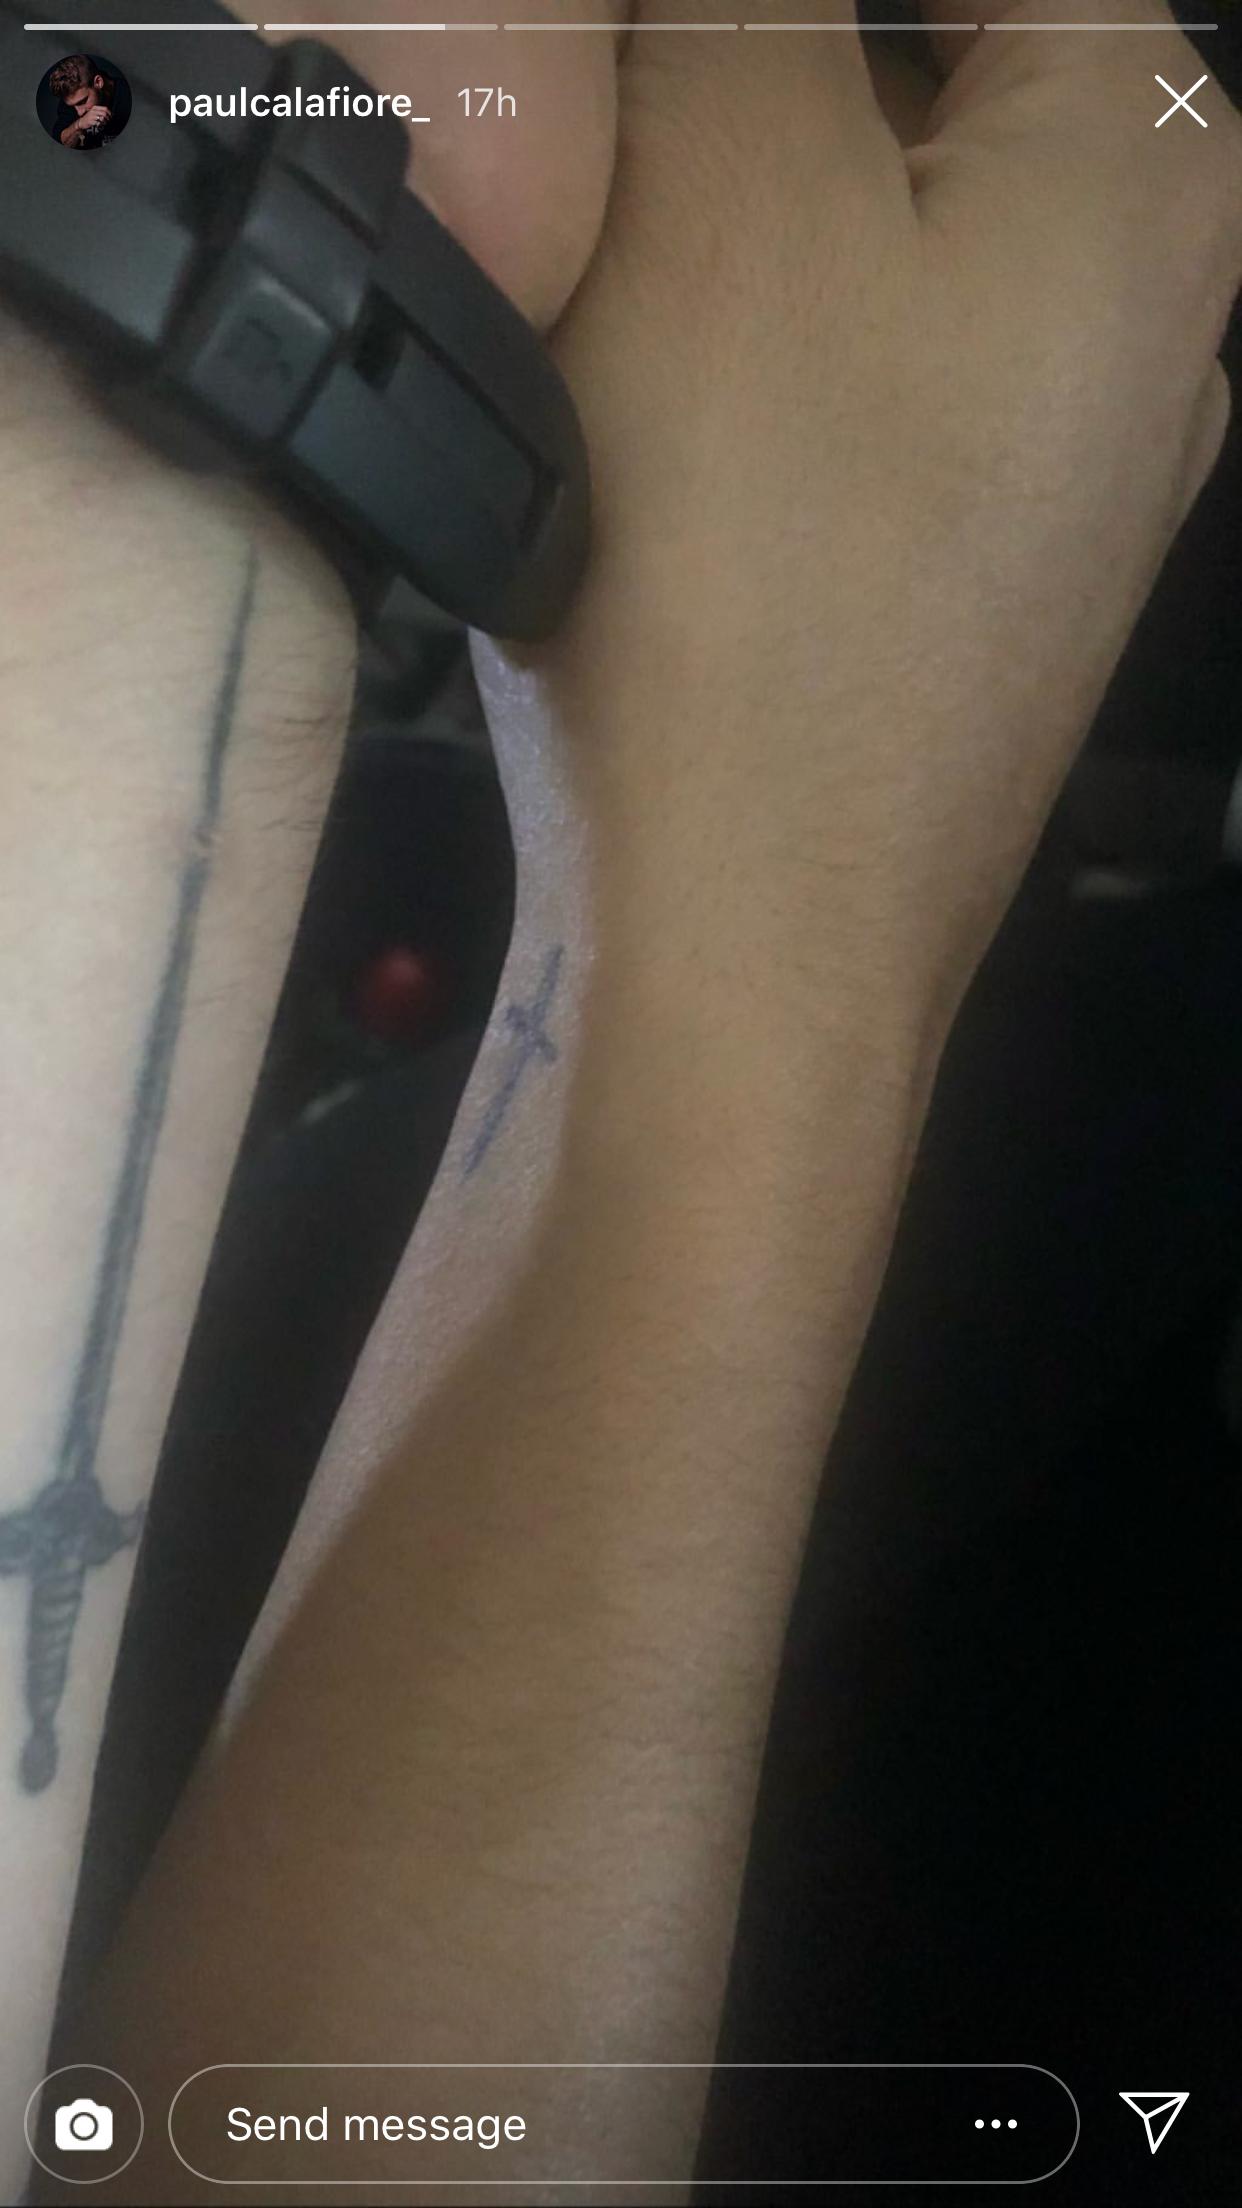 Paulie-Calafiore-cara-marie-tattoos - Paulie Calafiore